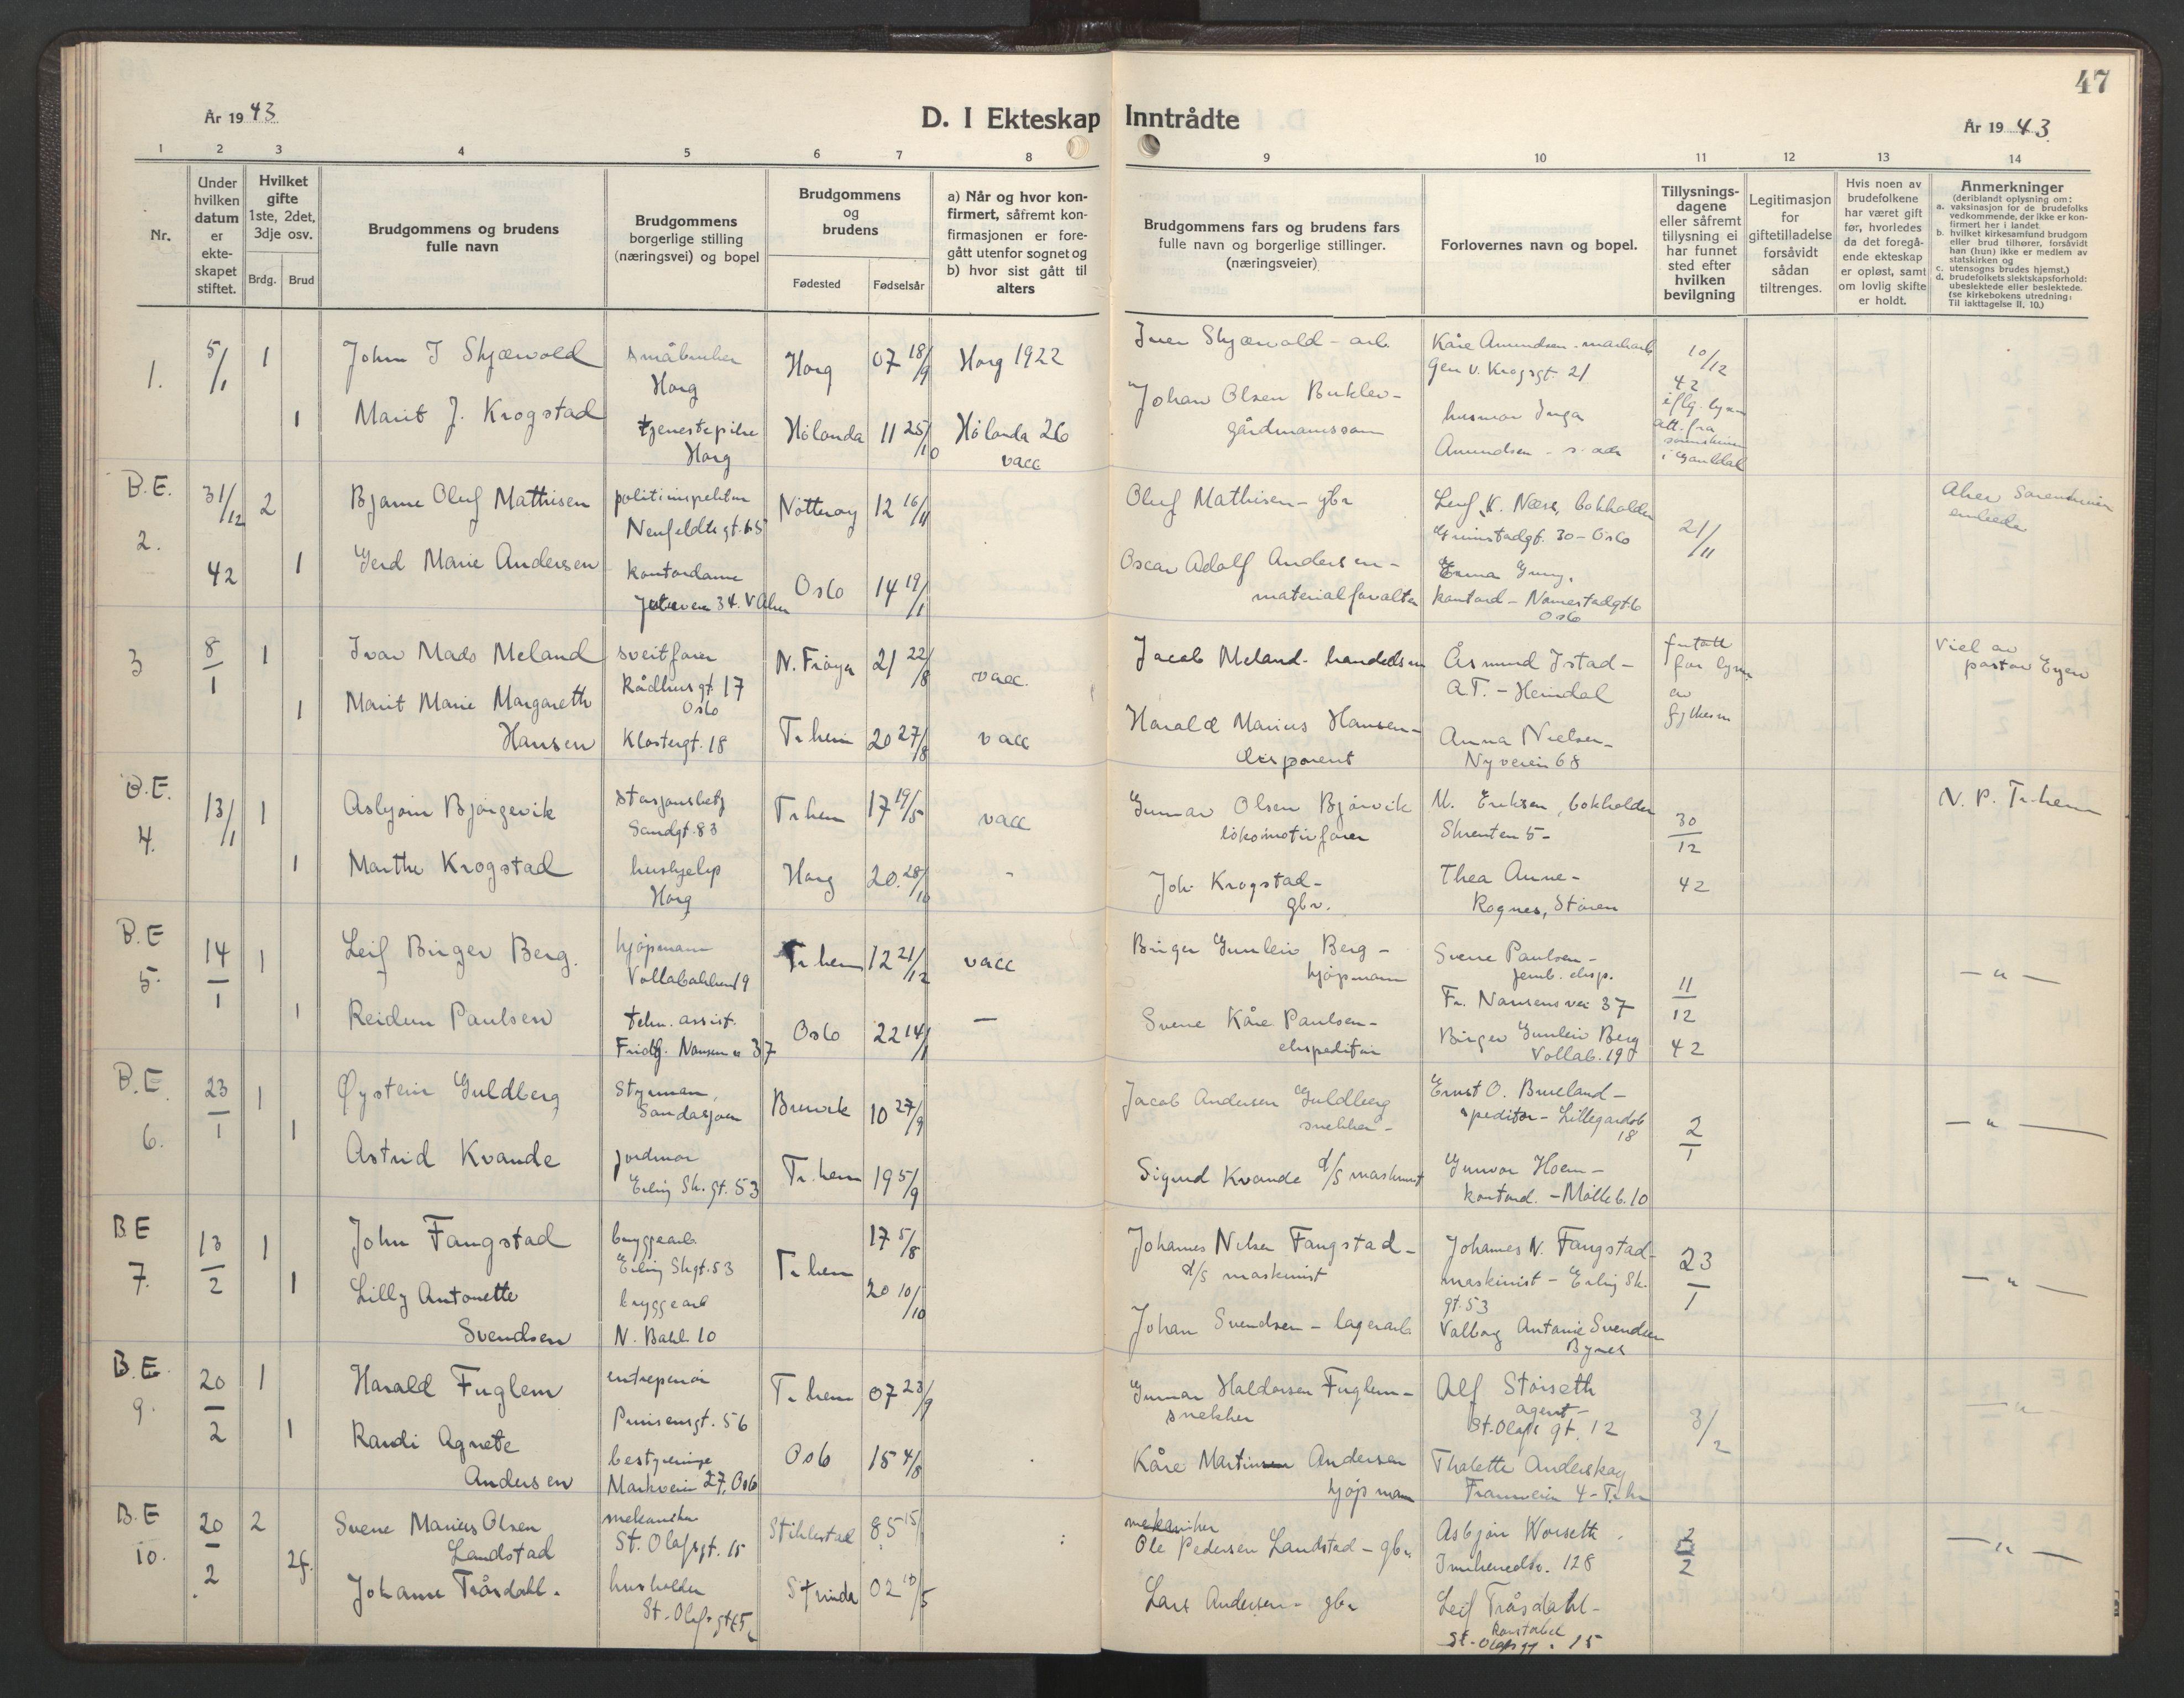 SAT, Ministerialprotokoller, klokkerbøker og fødselsregistre - Sør-Trøndelag, 602/L0154: Klokkerbok nr. 602C22, 1940-1947, s. 47